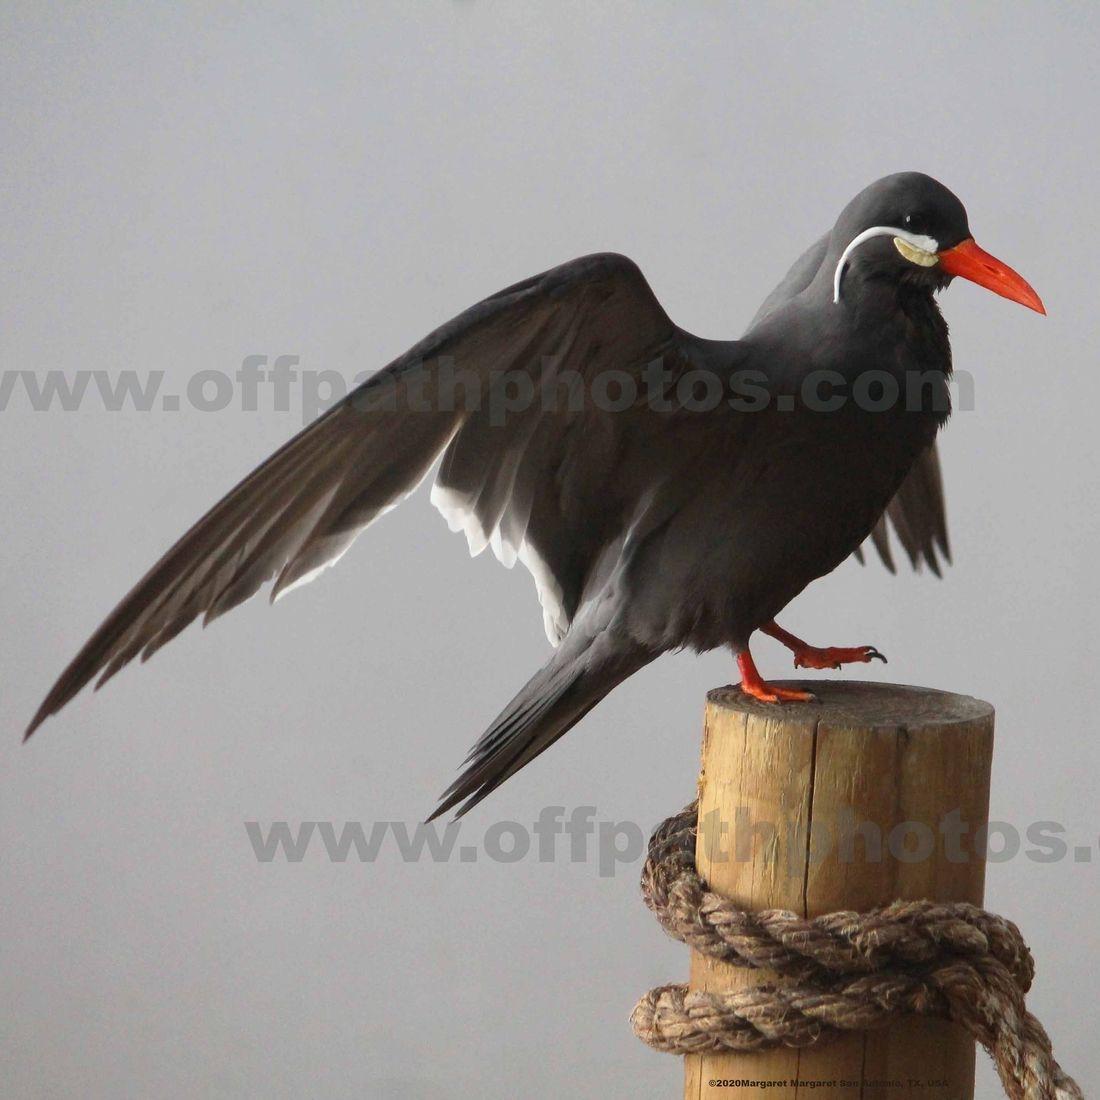 photography, animals, birds, sea, ocean, water. flight, zoo, aviary, beach